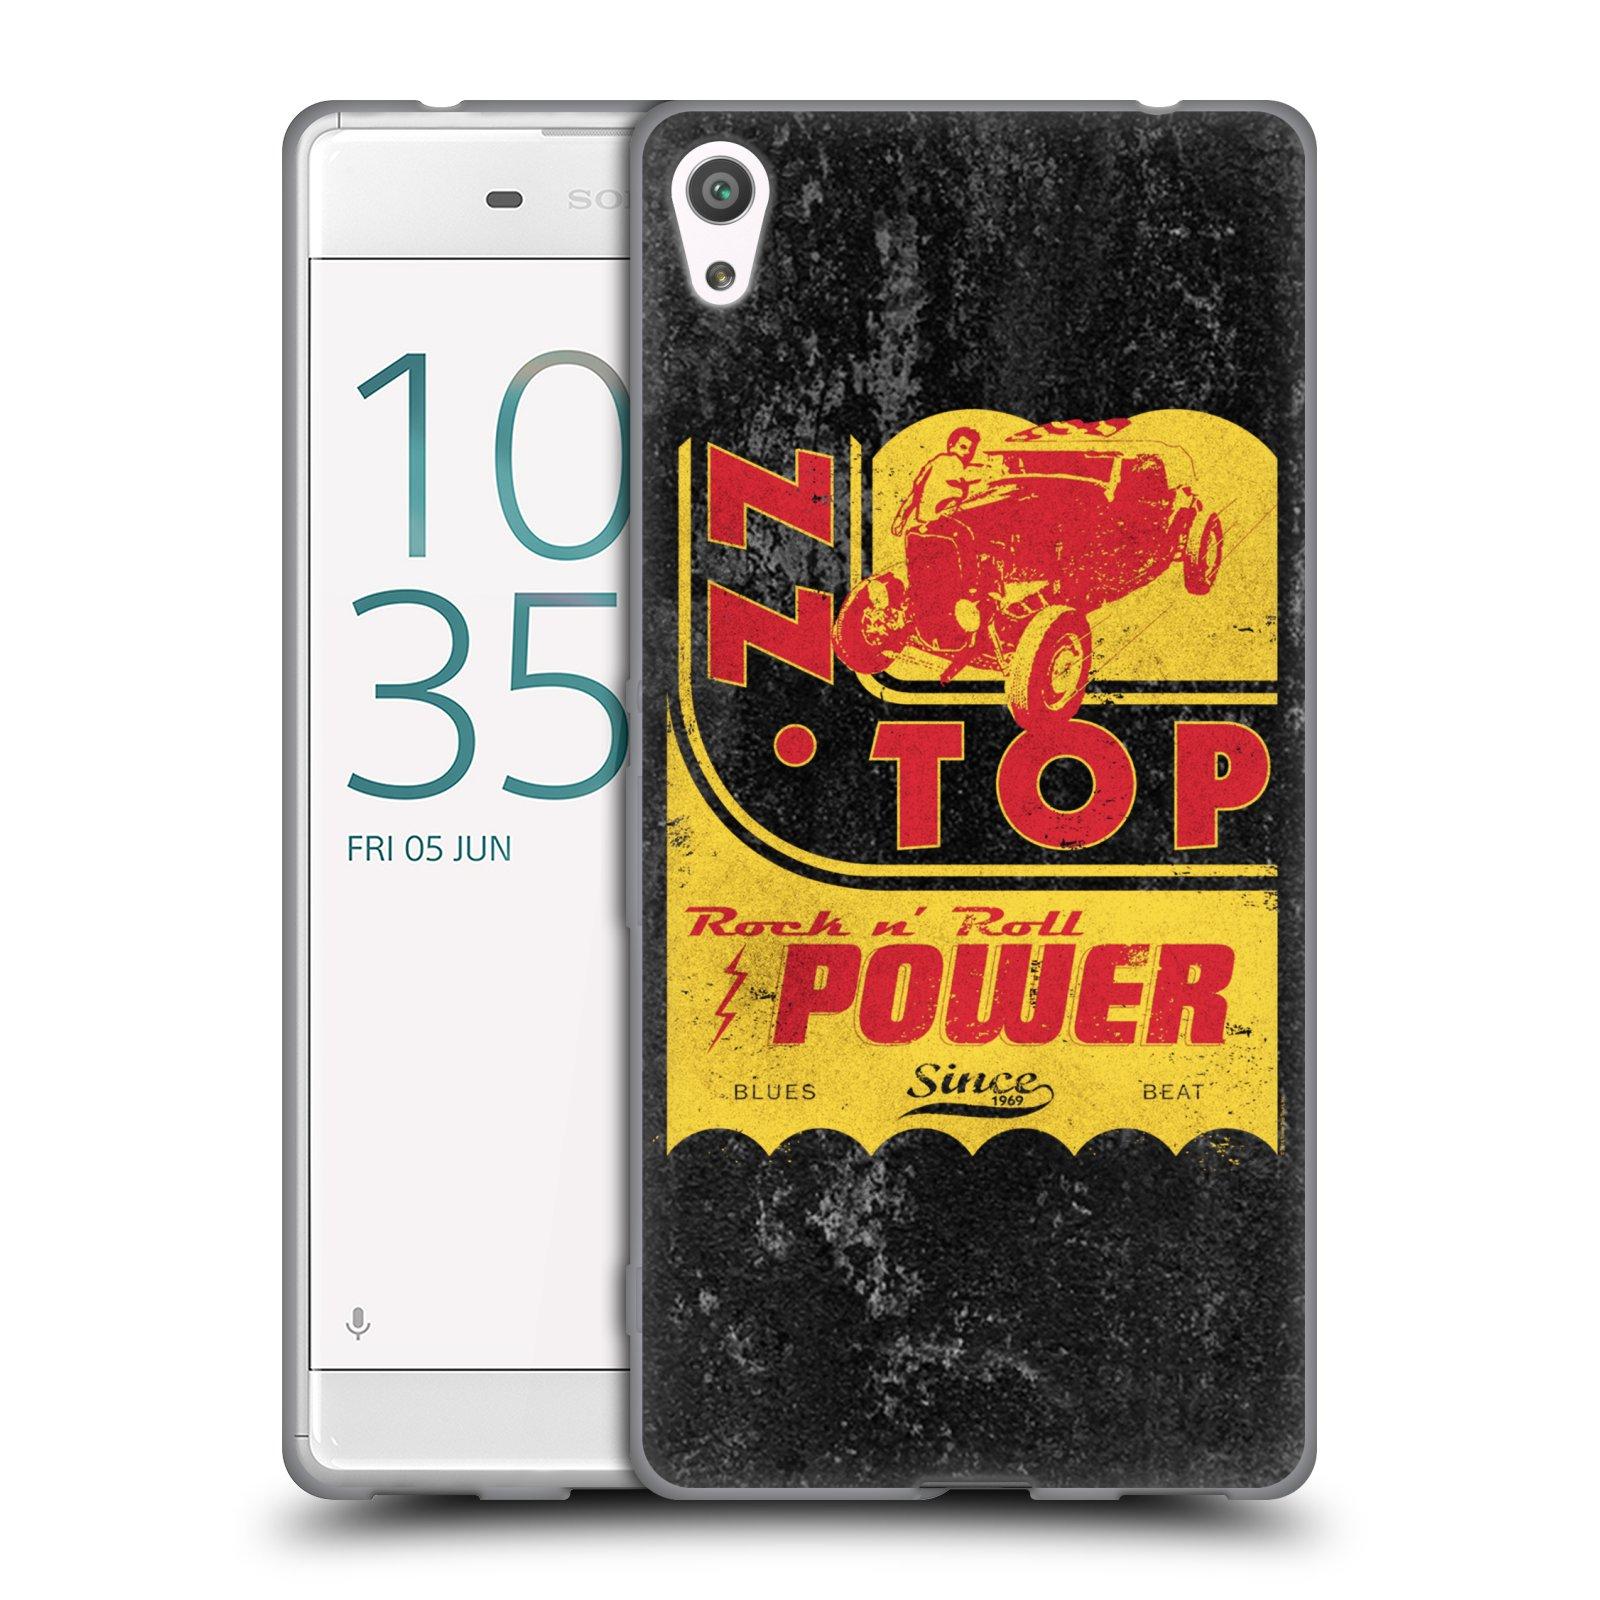 HEAD CASE silikonový obal na mobil Sony Xperia XA ULTRA ZZ Top originální obal retro power